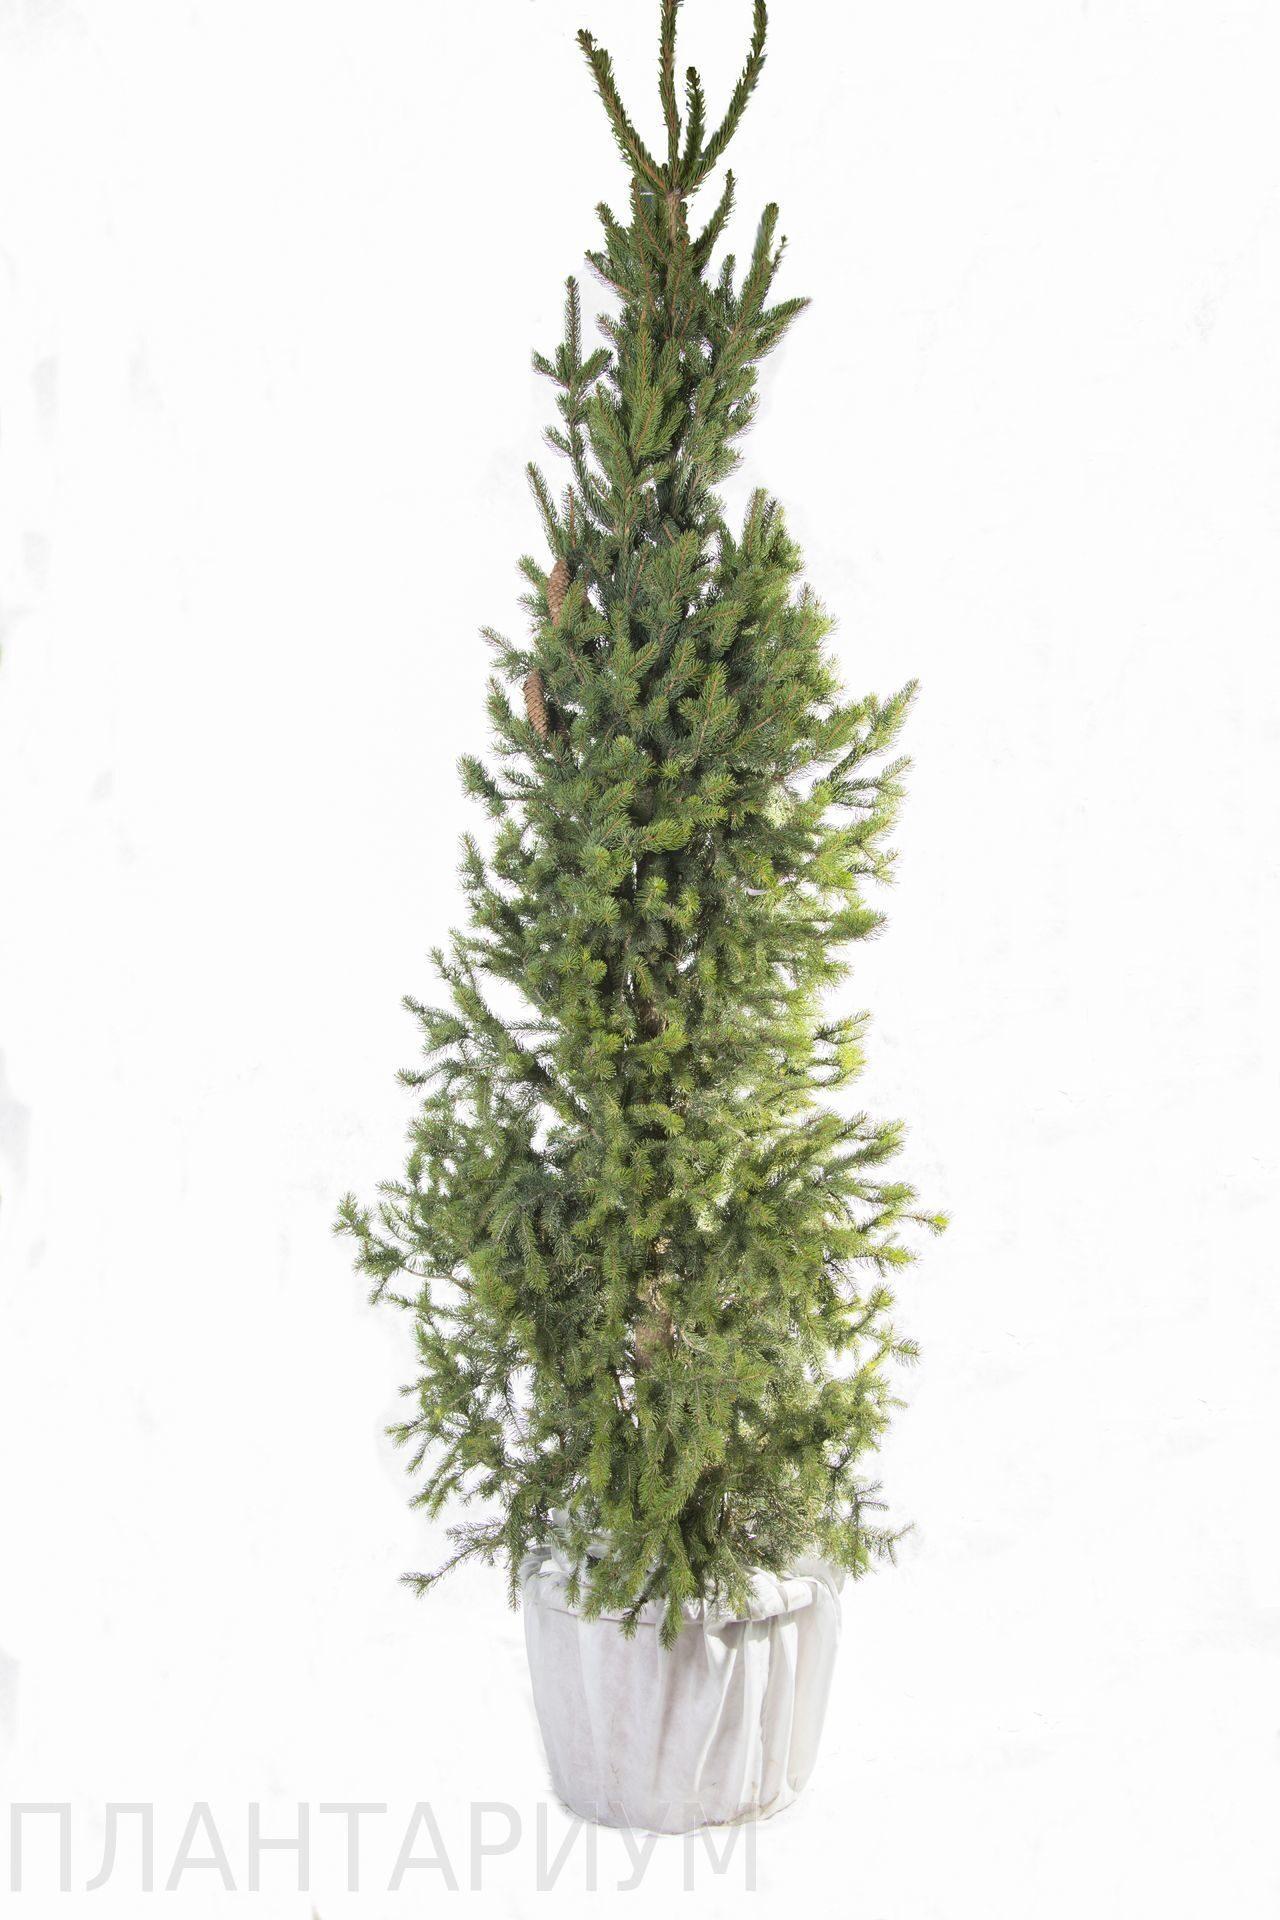 ель обыкновенная фастигиата Picea Abies Fastigiata